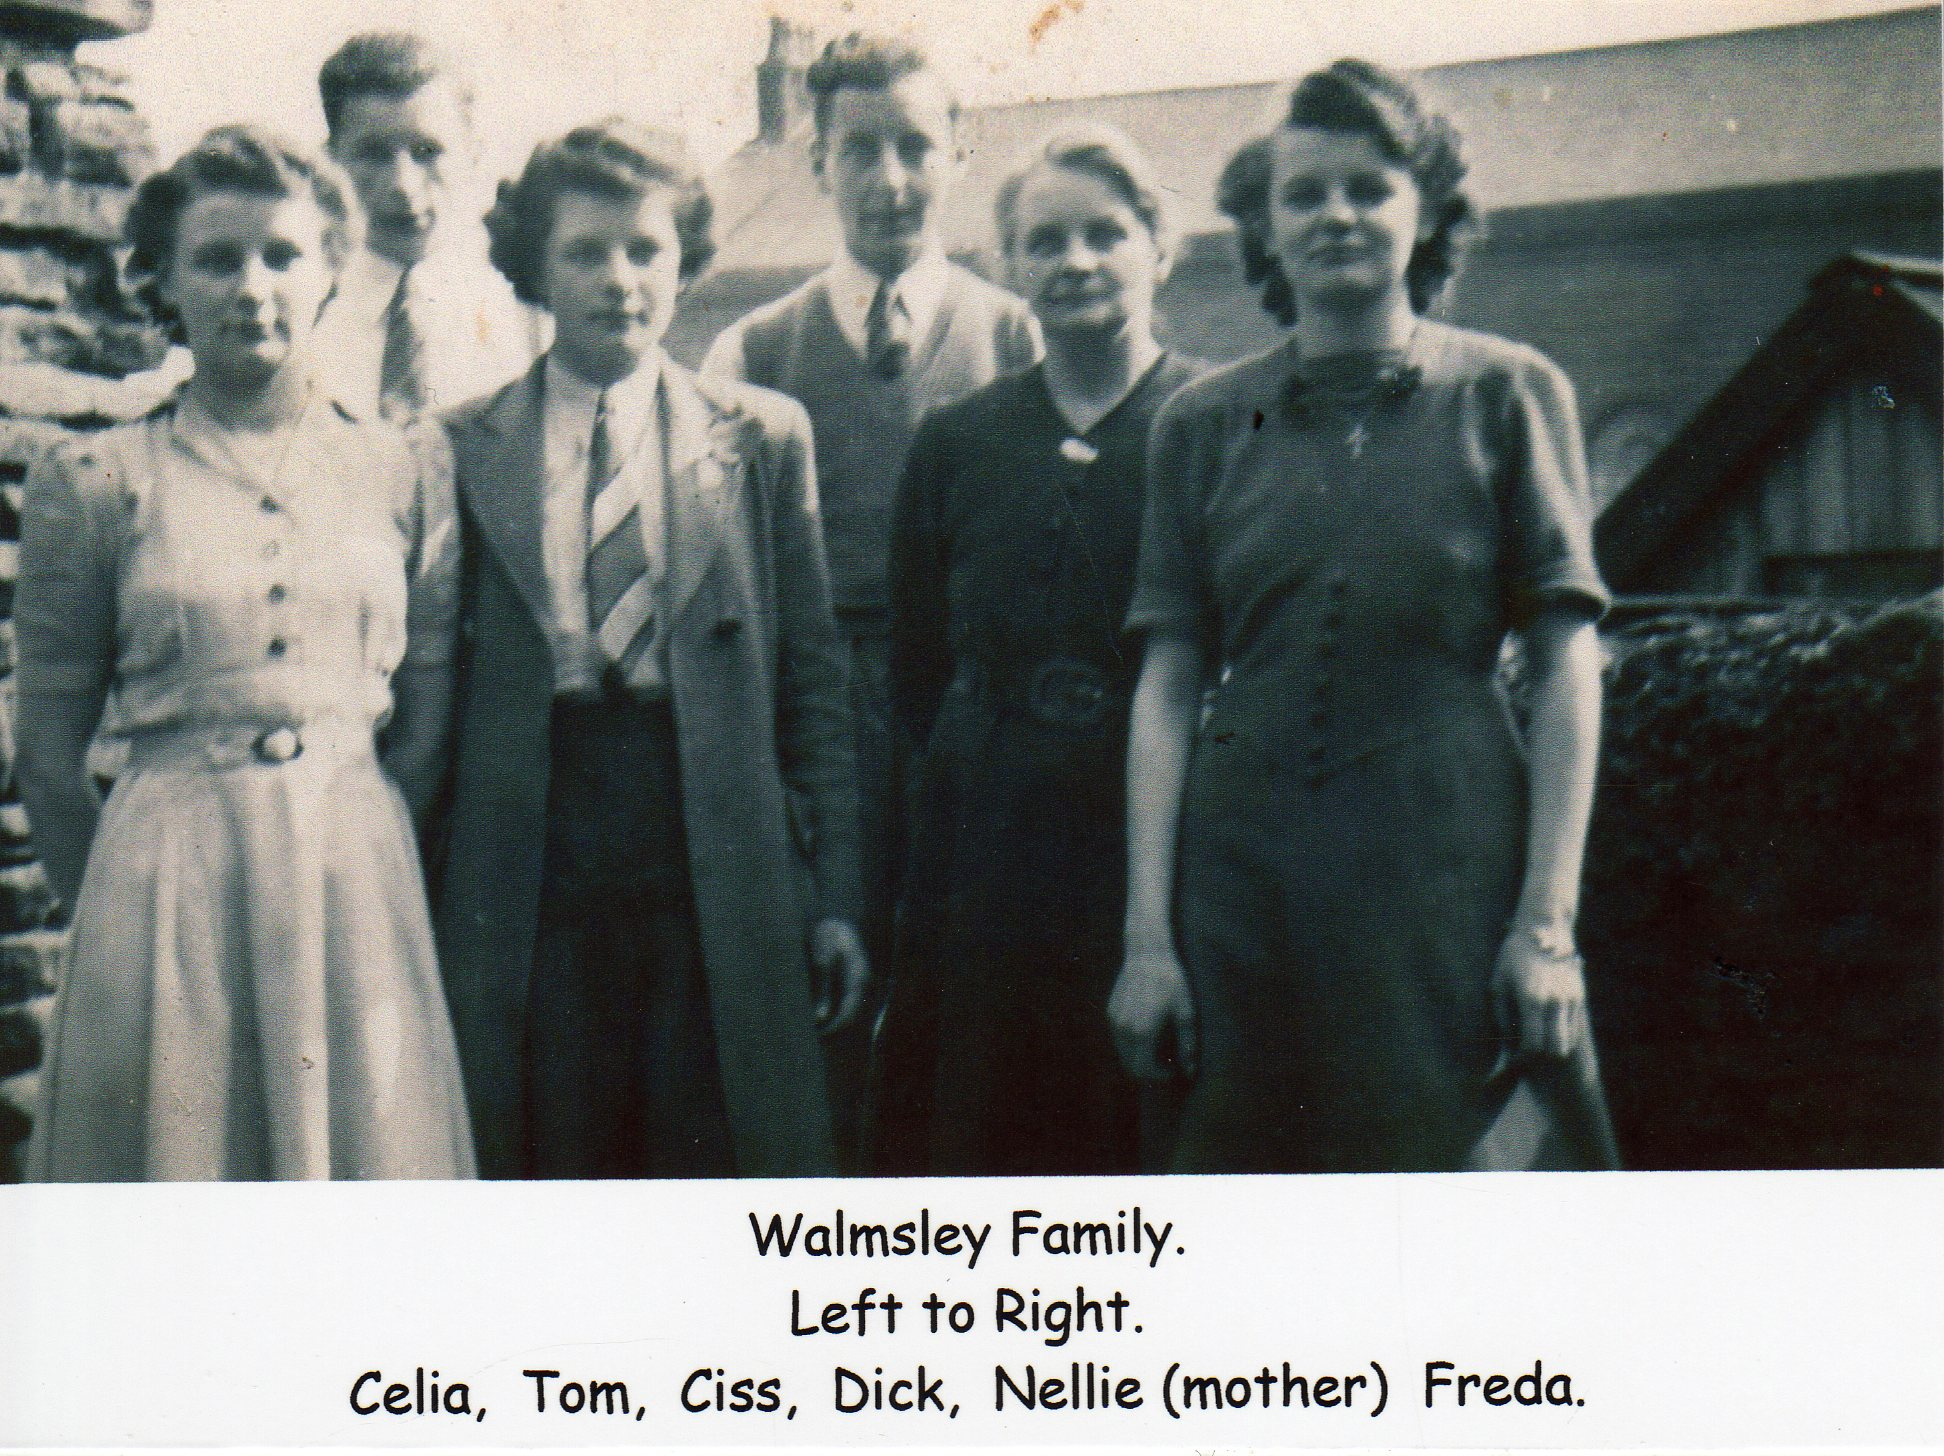 Walmsley Family